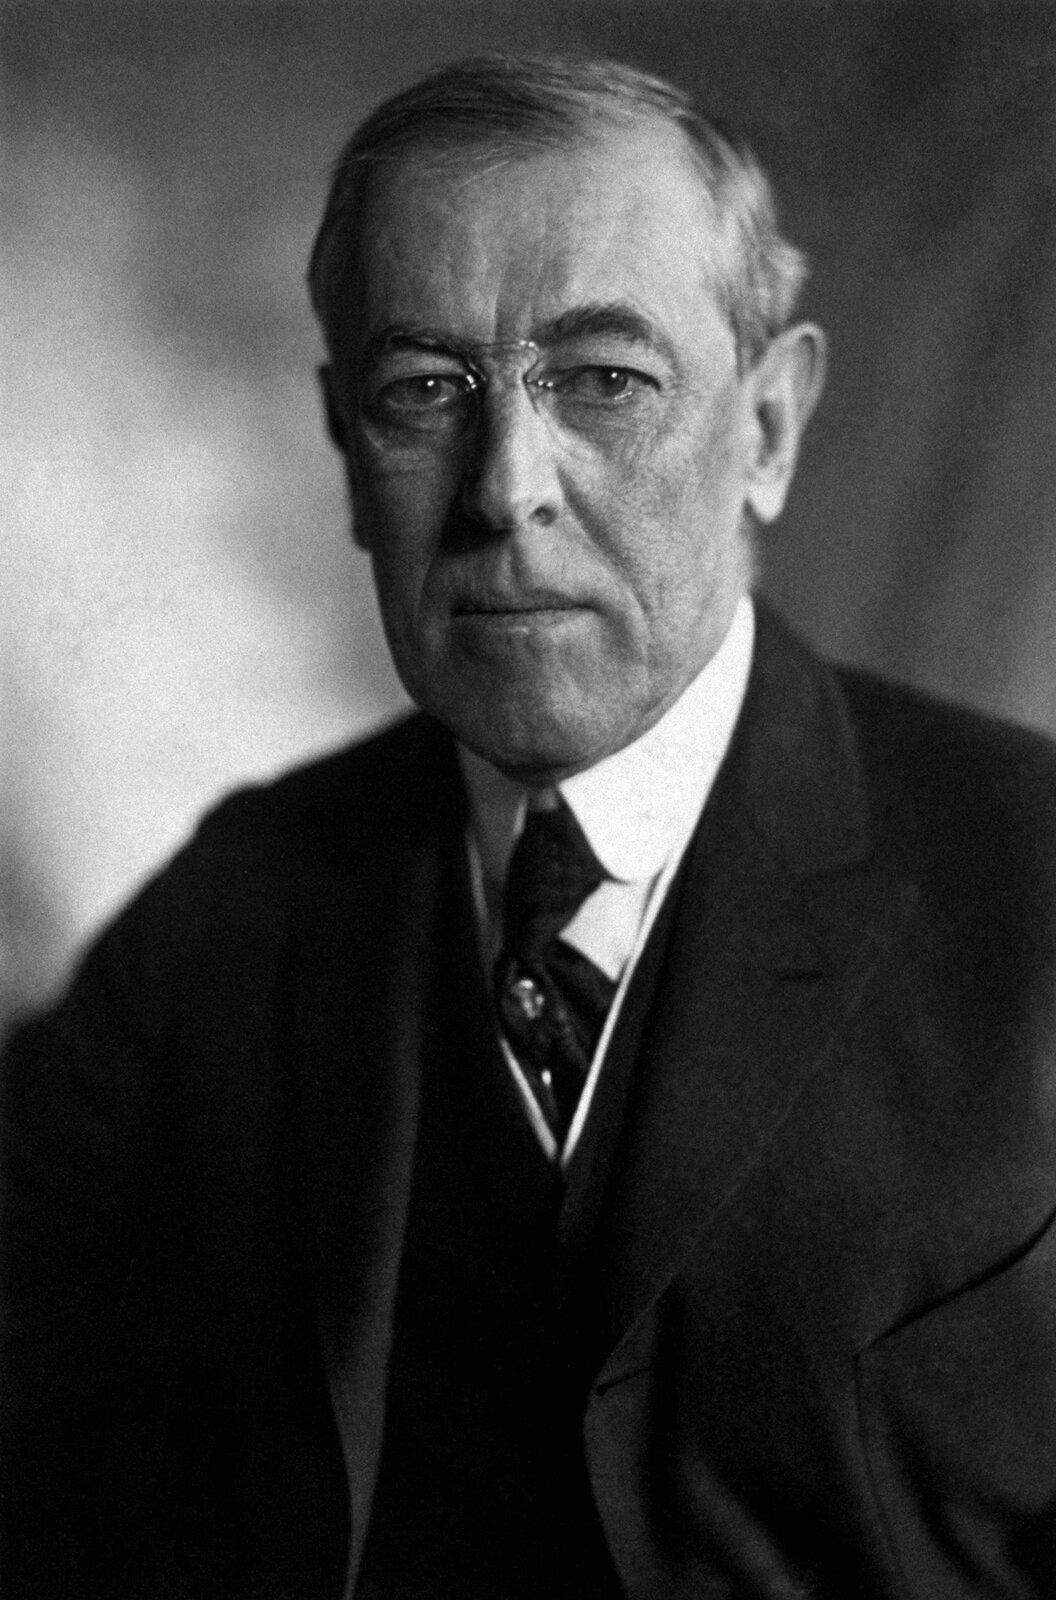 Prezydent Stanów Zjednoczonych Thomas Woodrow Wilson Źródło: Prezydent Stanów Zjednoczonych Thomas Woodrow Wilson, Fotografia, Biblioteka Kongresu Stanów Zjednoczonych, domena publiczna.